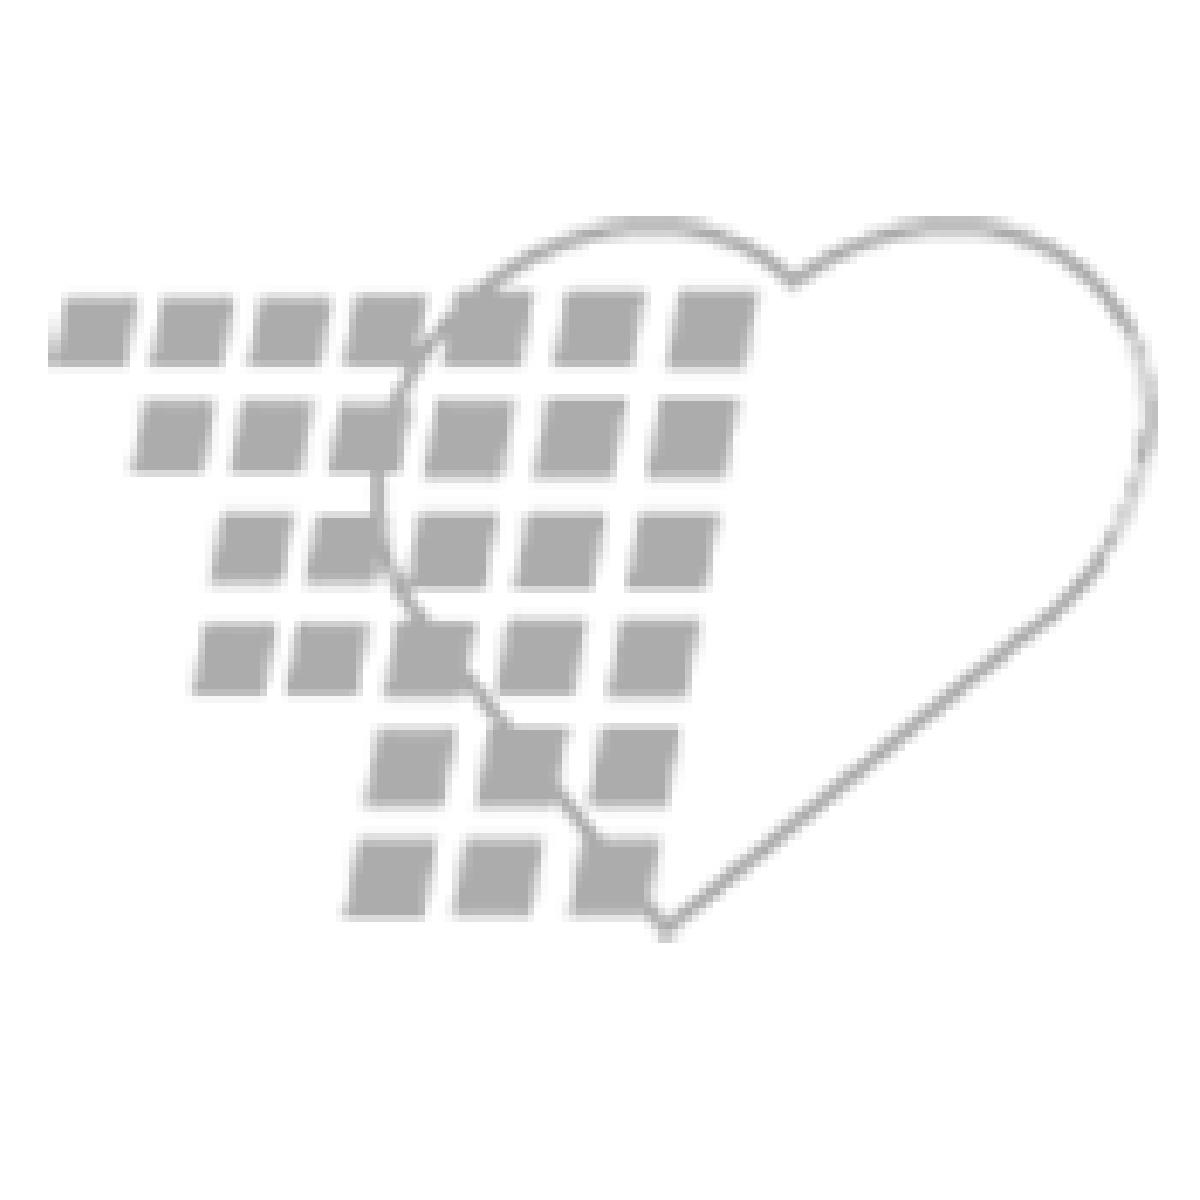 06-93-9012 - Demo Dose® Brethne (Terbutalin) Mini Vial/ Ampule 1mg/mL